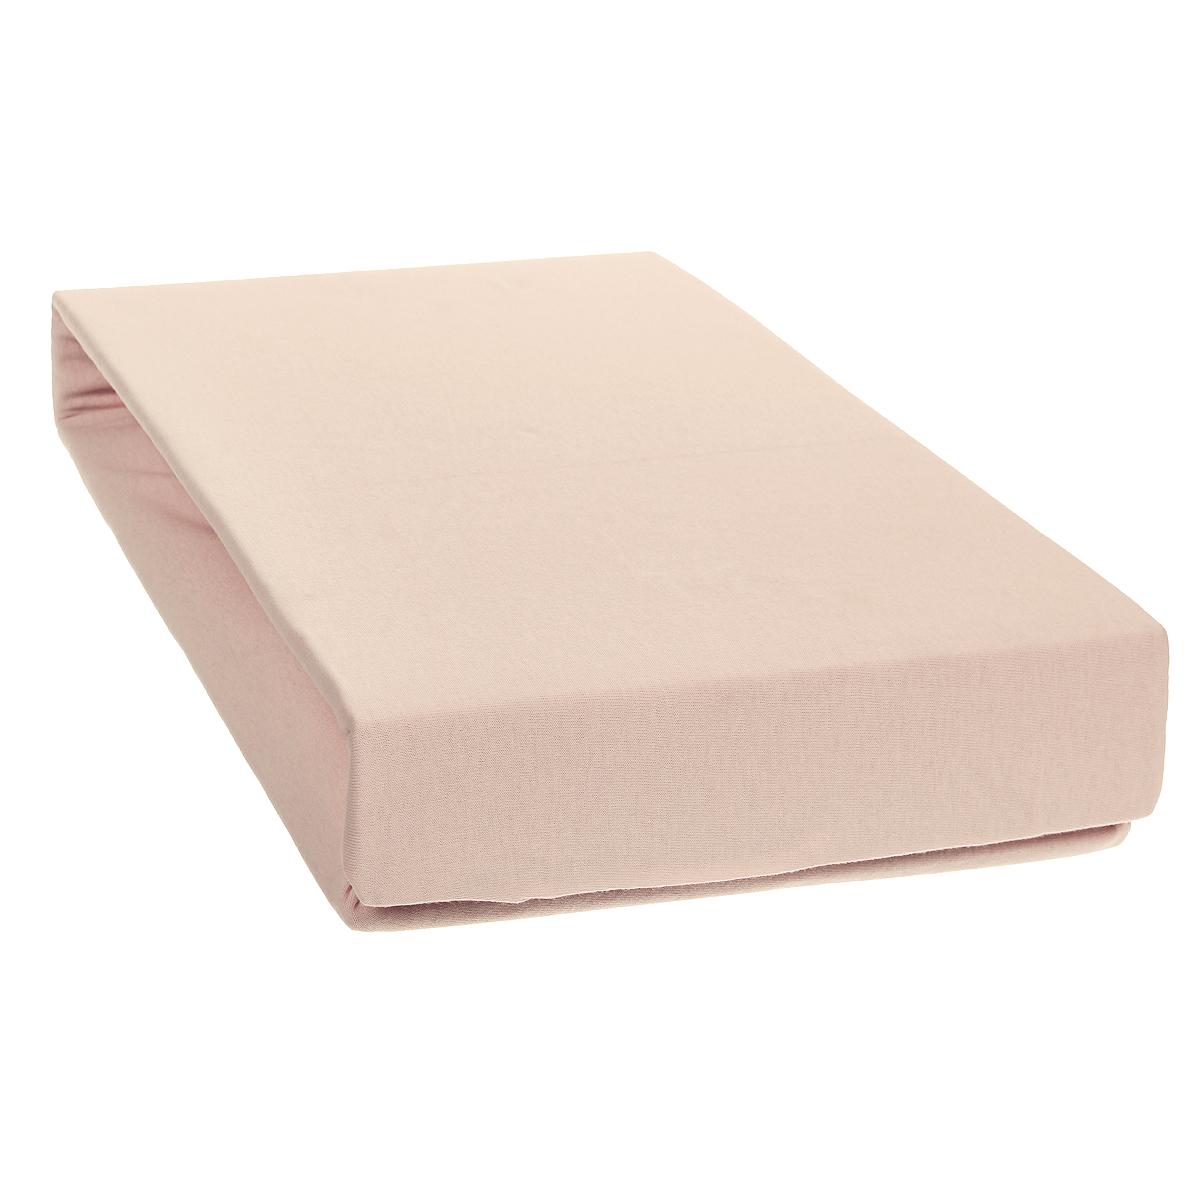 Простыня на резинке Tete-a-Tete, цвет: лотос, 90 х 200 смТ-ПР-3008Однотонная простыня на резинке Tete-a-Tete выполнена из натурального хлопка. Высочайшее качество материала гарантирует безопасность не только взрослых, но и самых маленьких членов семьи. Простыня гармонично впишется в интерьер вашего дома и создаст атмосферу уюта и комфорта. Особенности коллекции Tete-a-Tete: - выдерживает более 100 стирок практически без изменения внешнего вида, - модные цвета и стойкие оттенки, - минимальная усадка, - надежные резинки и износостойкая ткань, - безупречное качество, - гиппоаллергенно. Коллекция Tete-a-Tete специально создана для практичных людей, которые ценят качество и долговечность вещей, окружают своих близких теплотой и заботой.